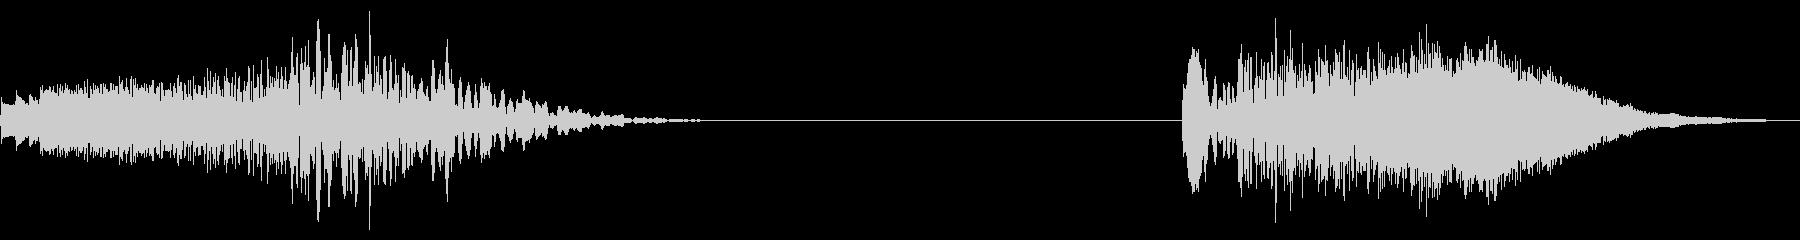 ソフトチャイムスイープ、2バージョ...の未再生の波形